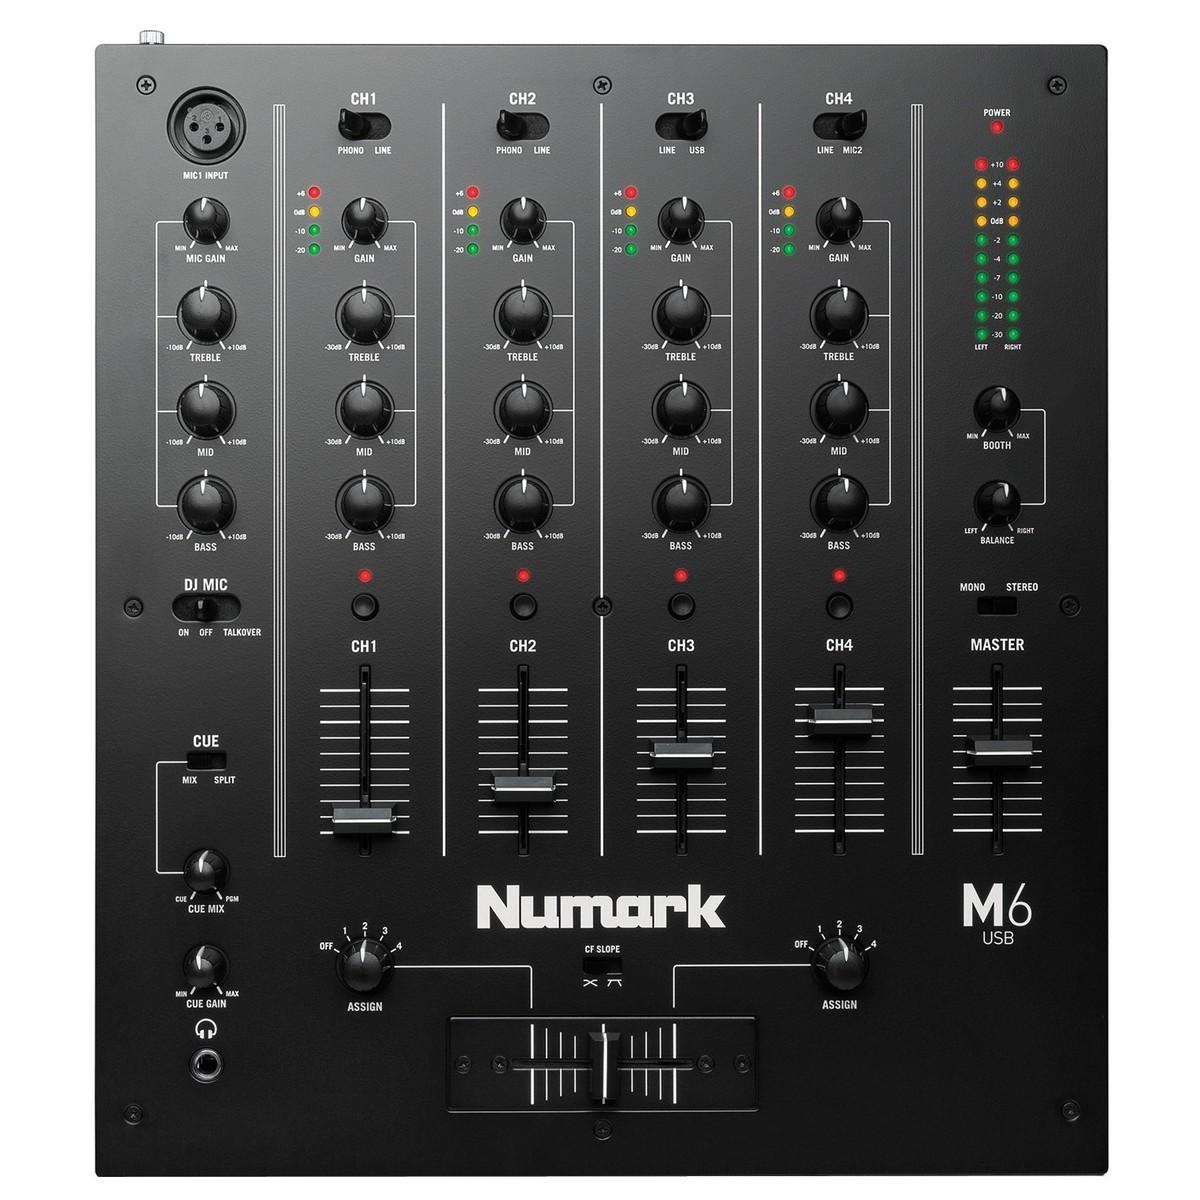 DJ Numark M6 USB